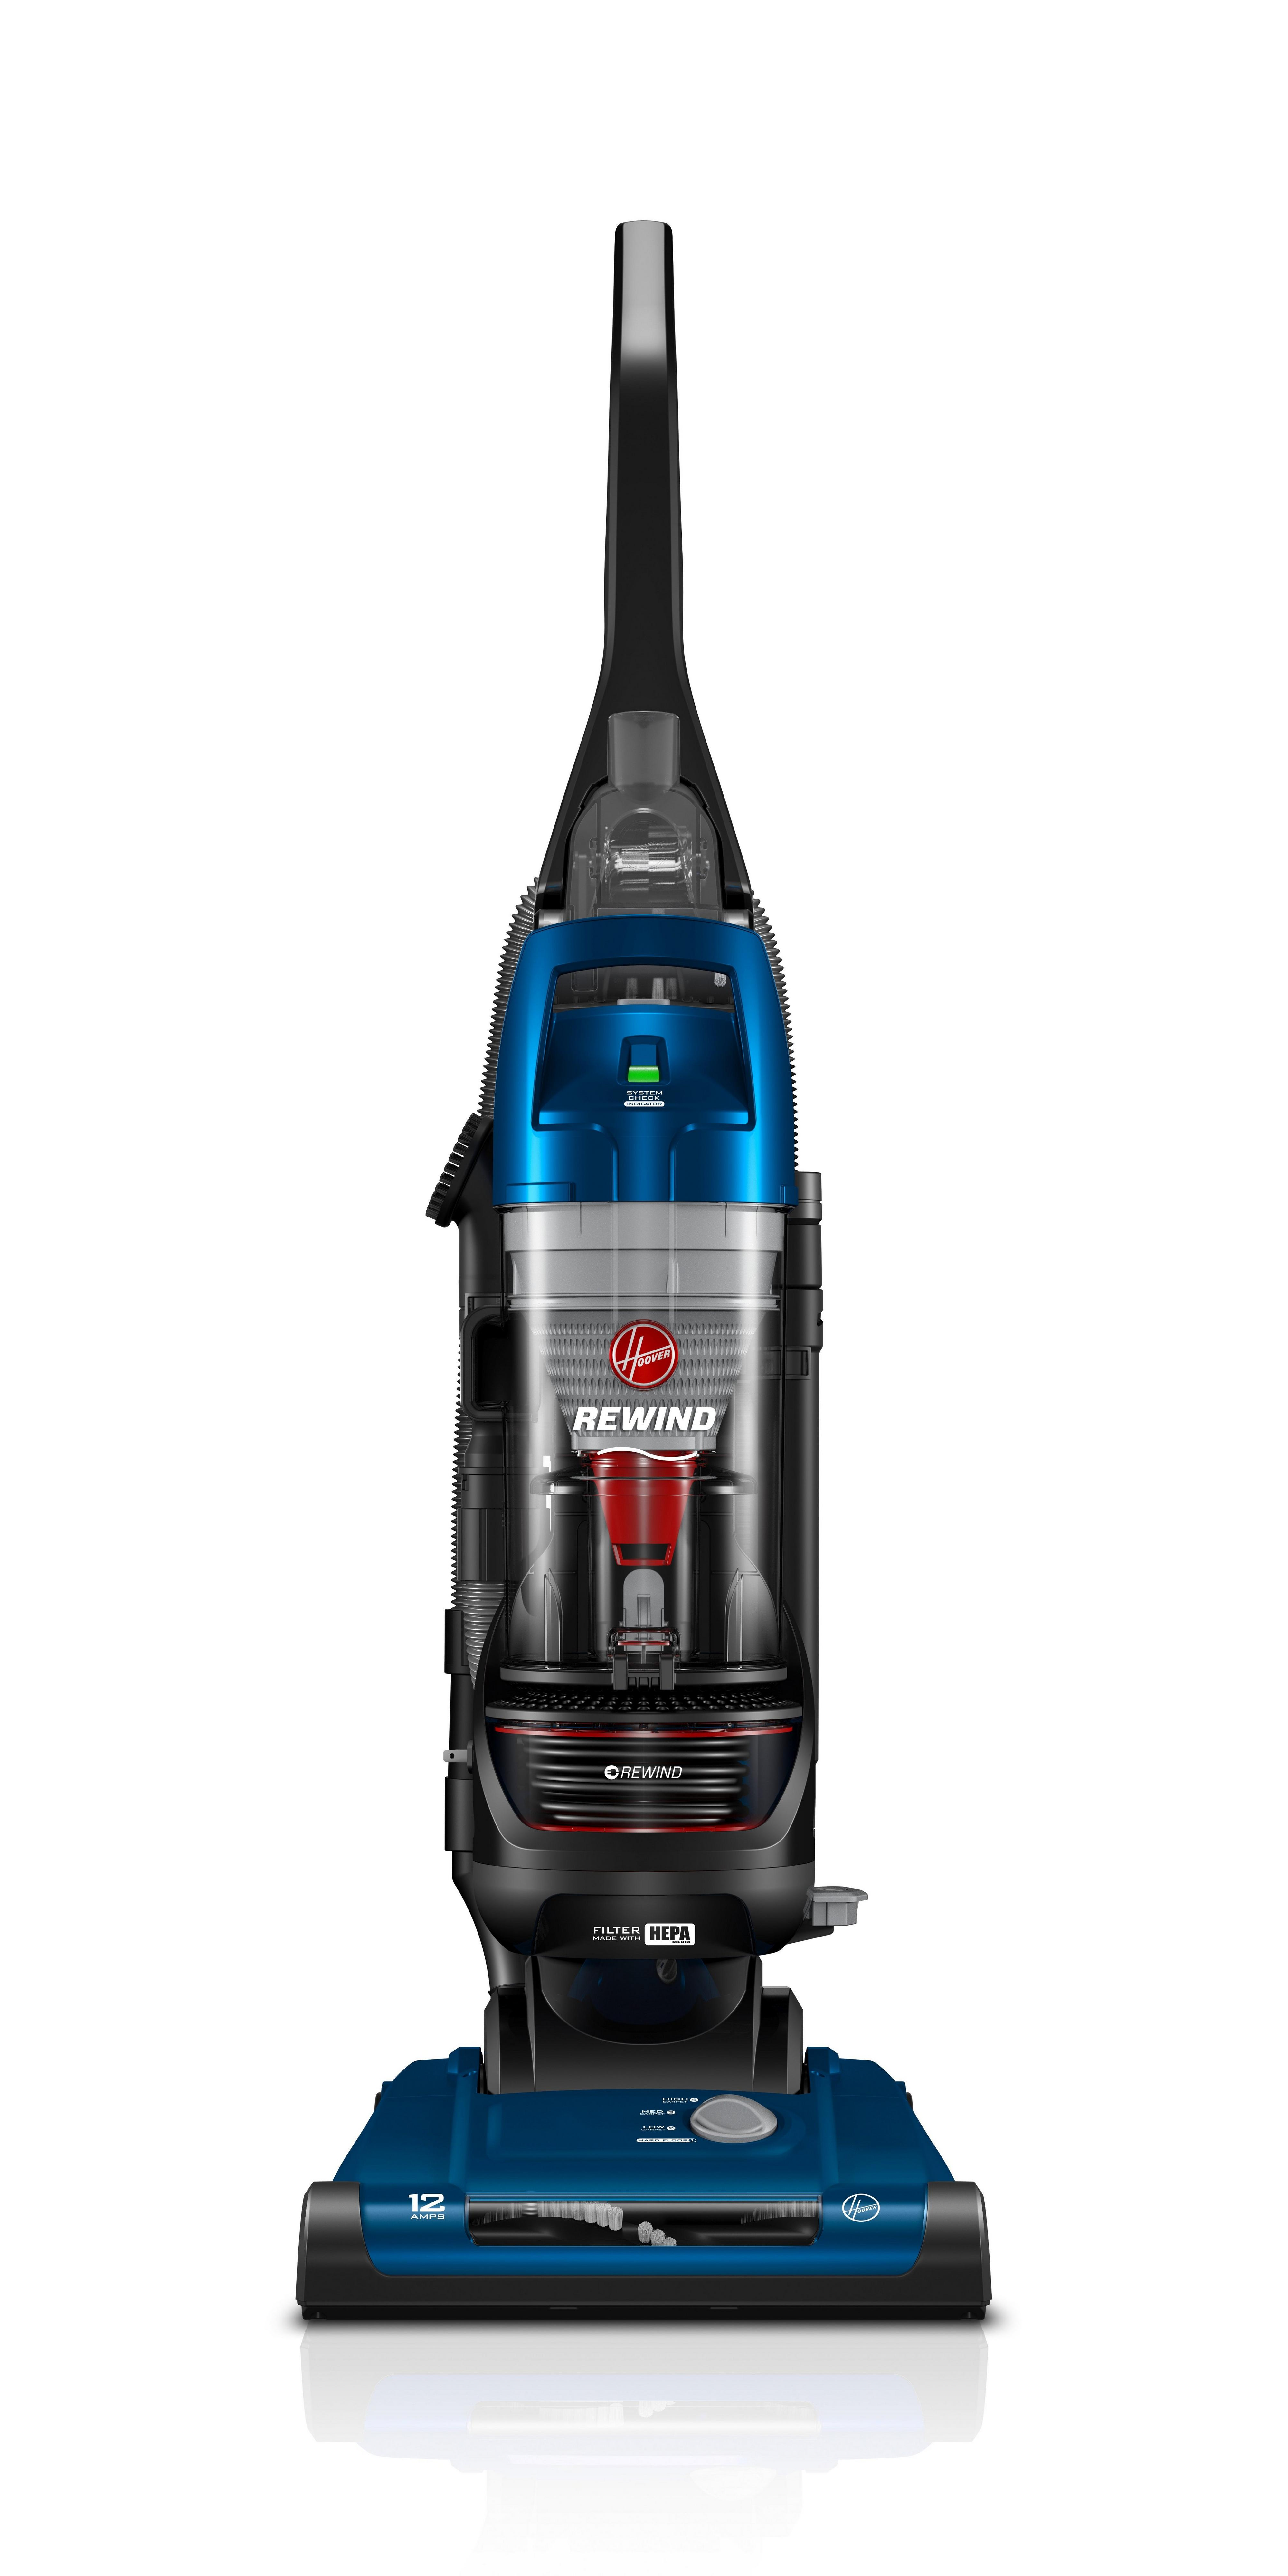 Rewind Bagless Upright Vacuum Hoover